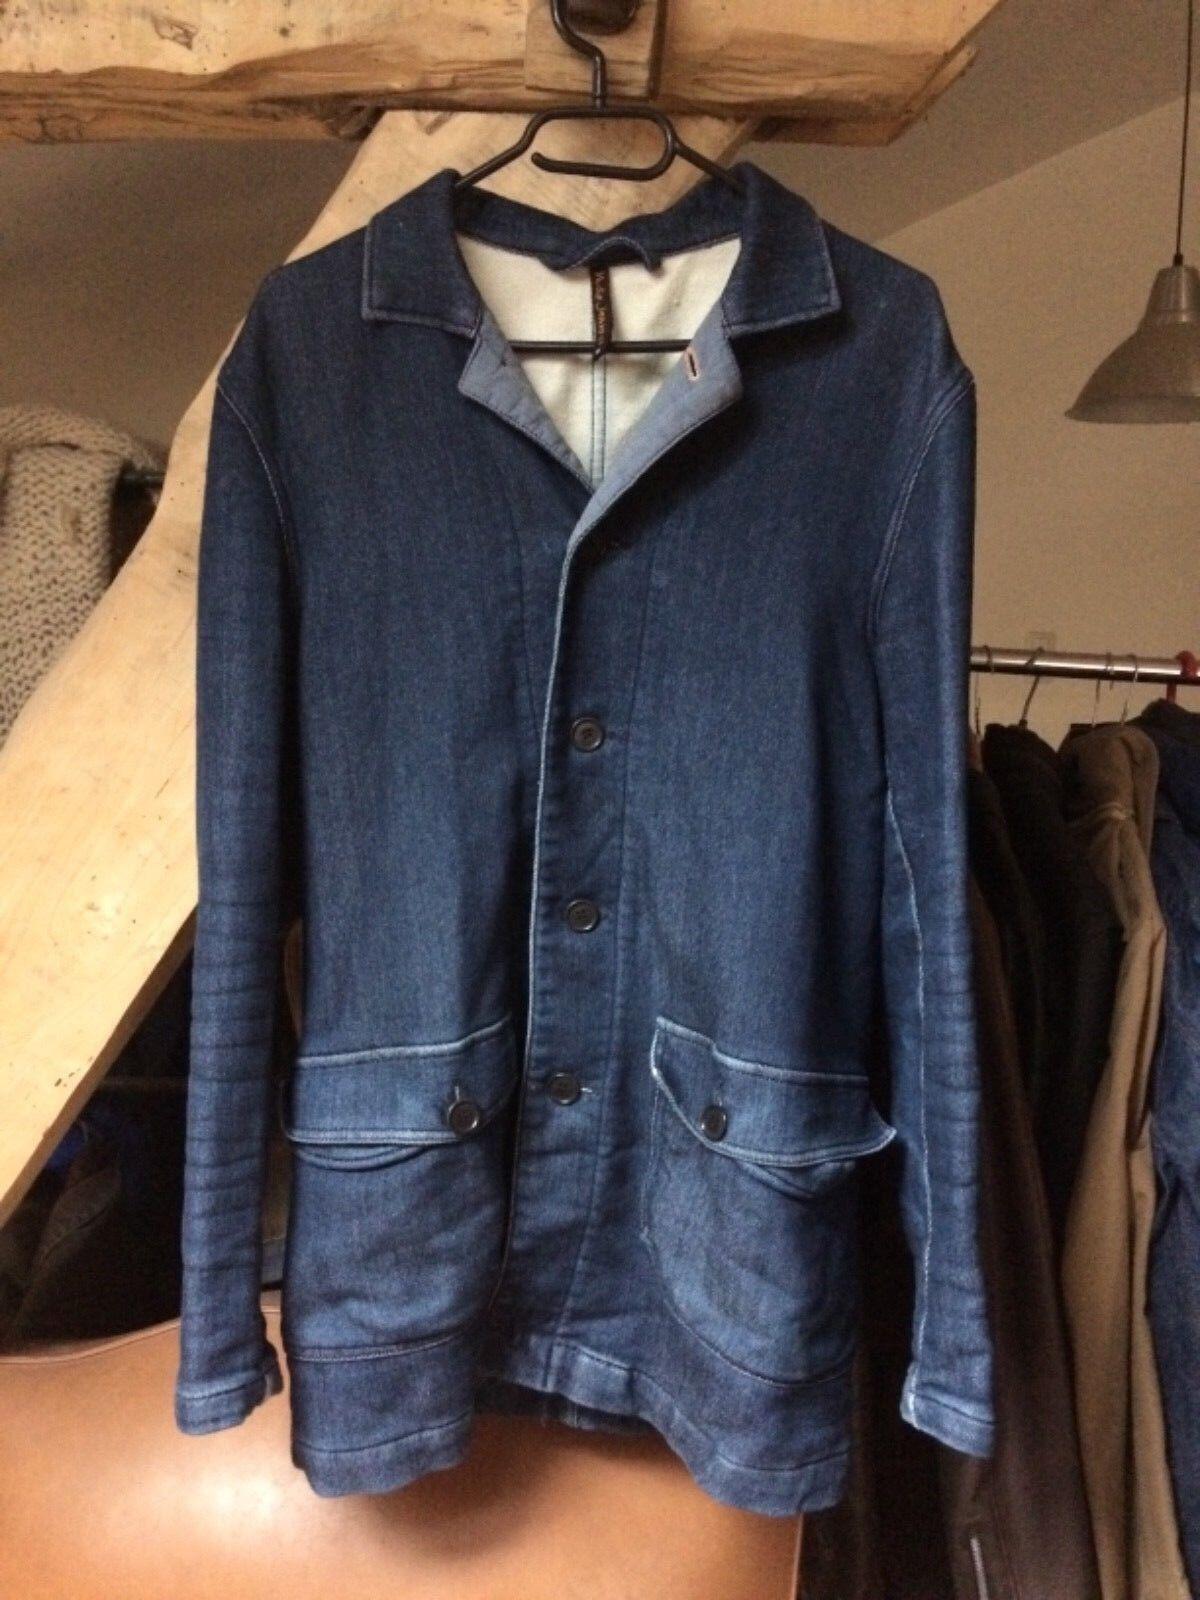 Magnifique veste en coton Nudie jeans co taille M